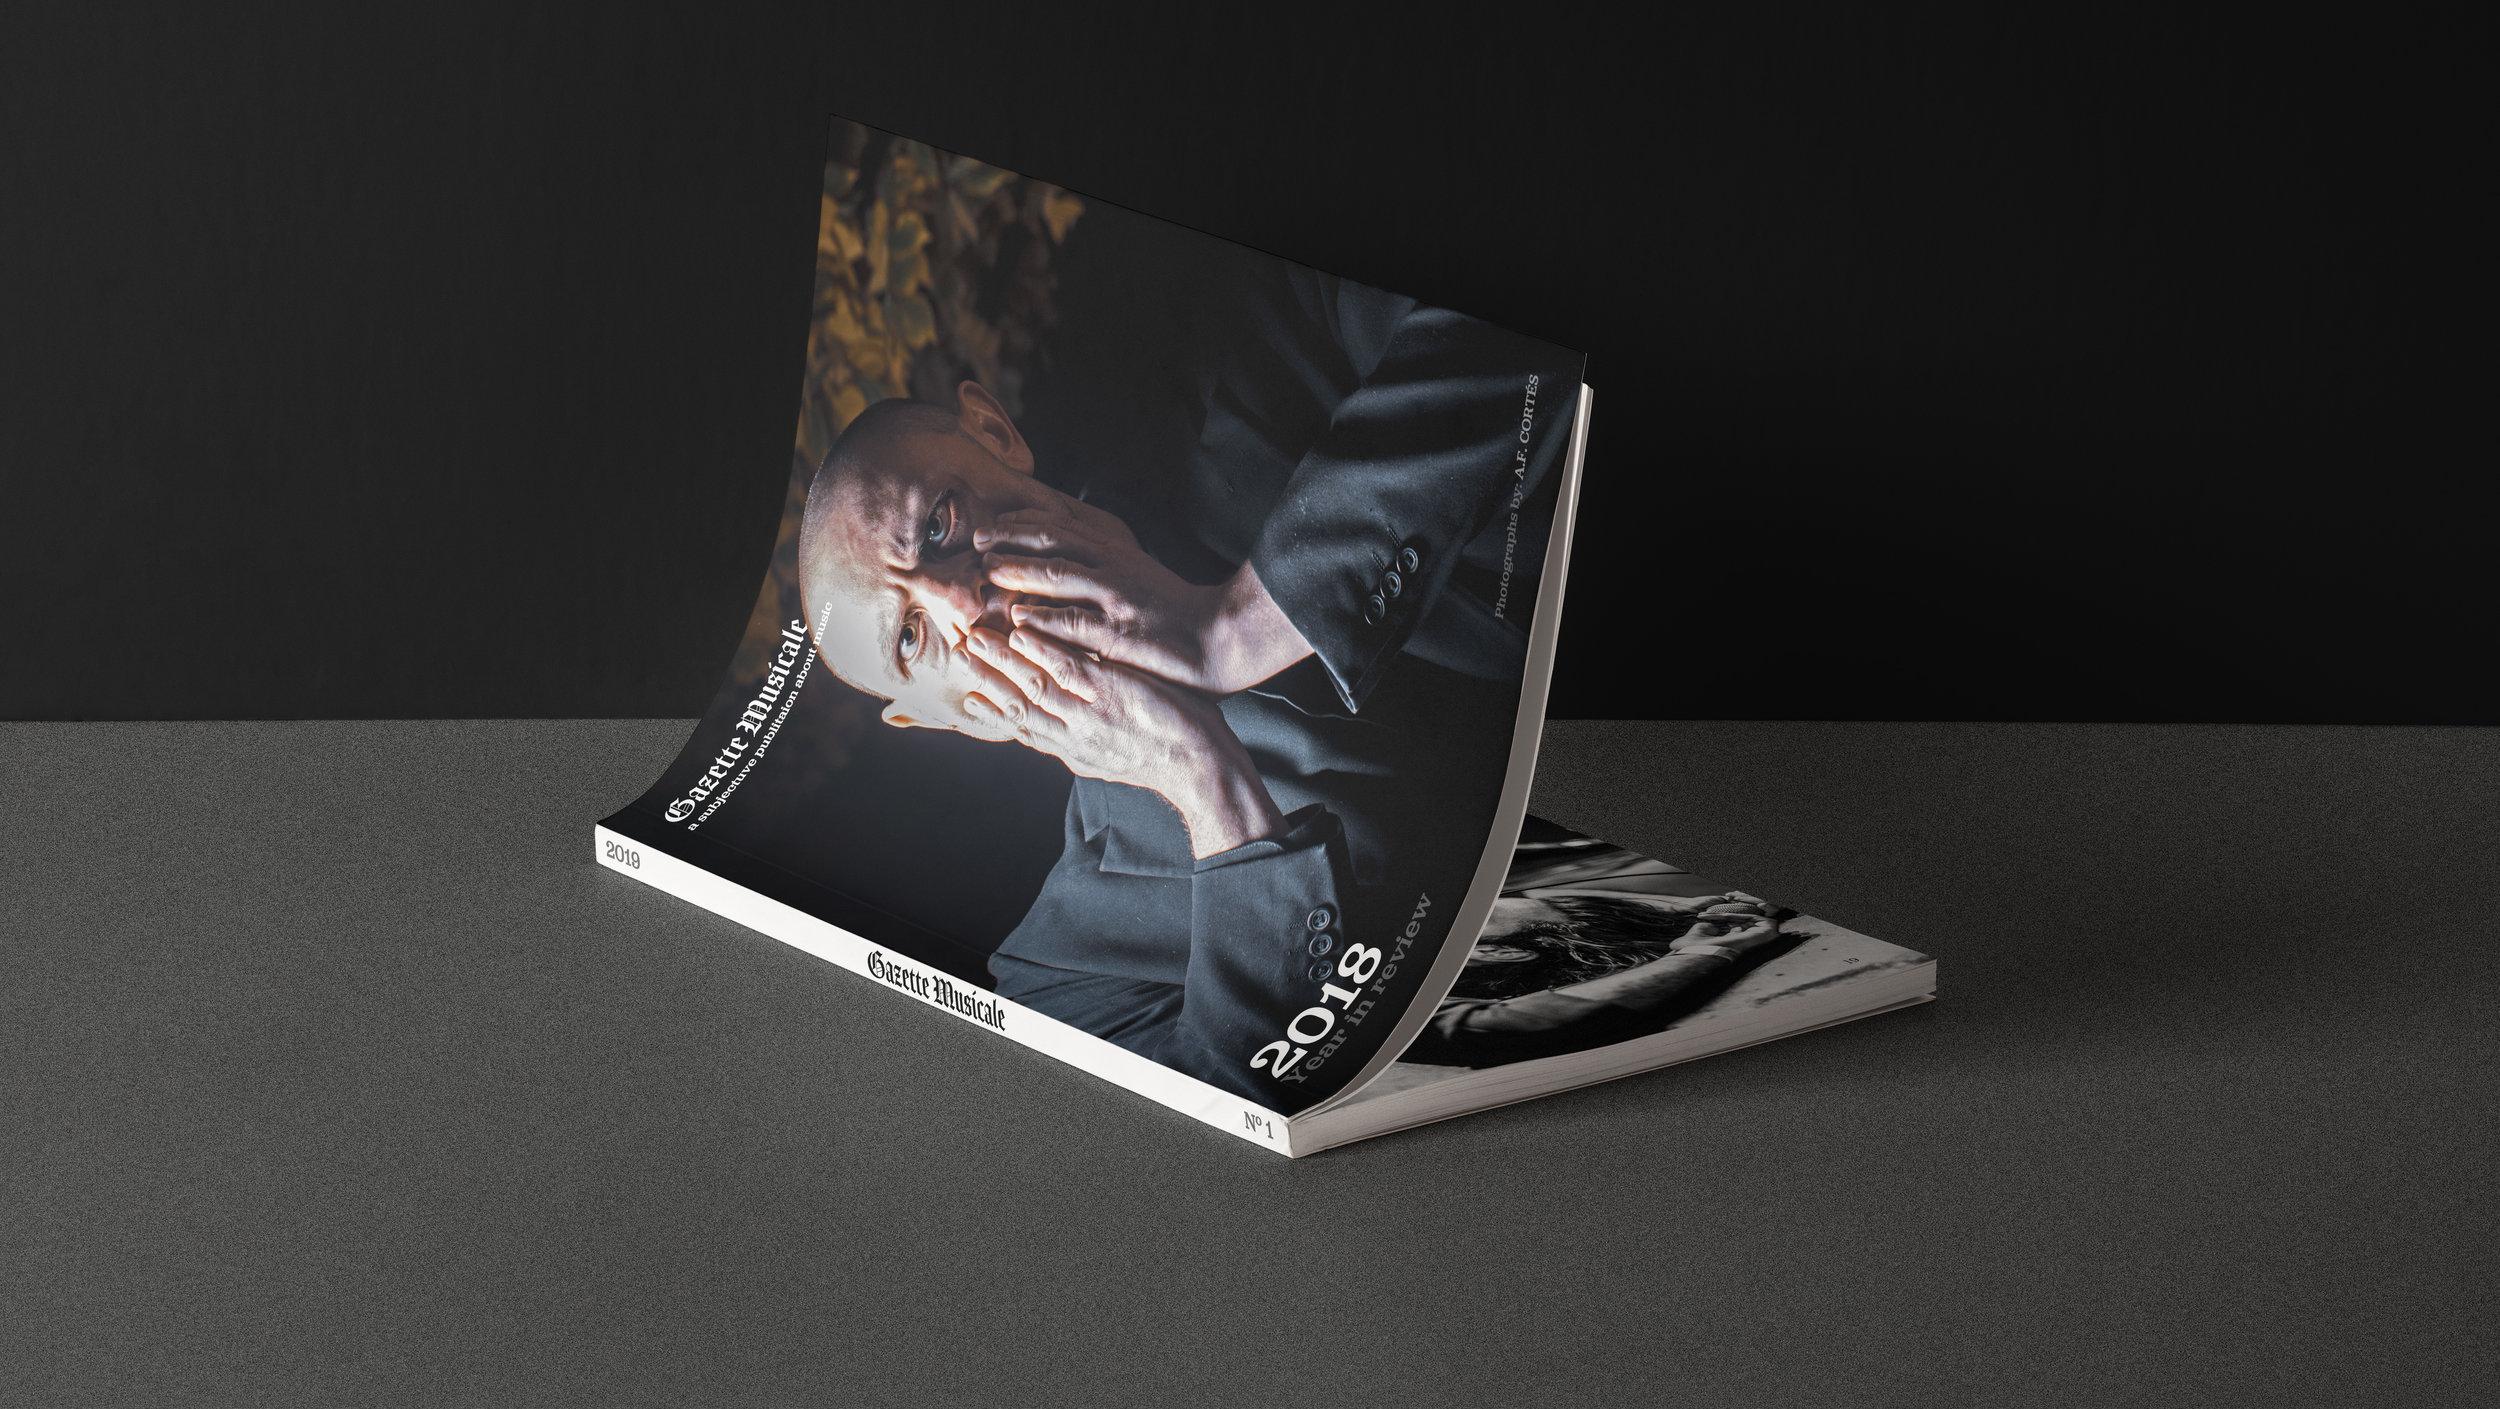 GAZETTeCover-Magazine-Presentation-Mockup_02.jpg